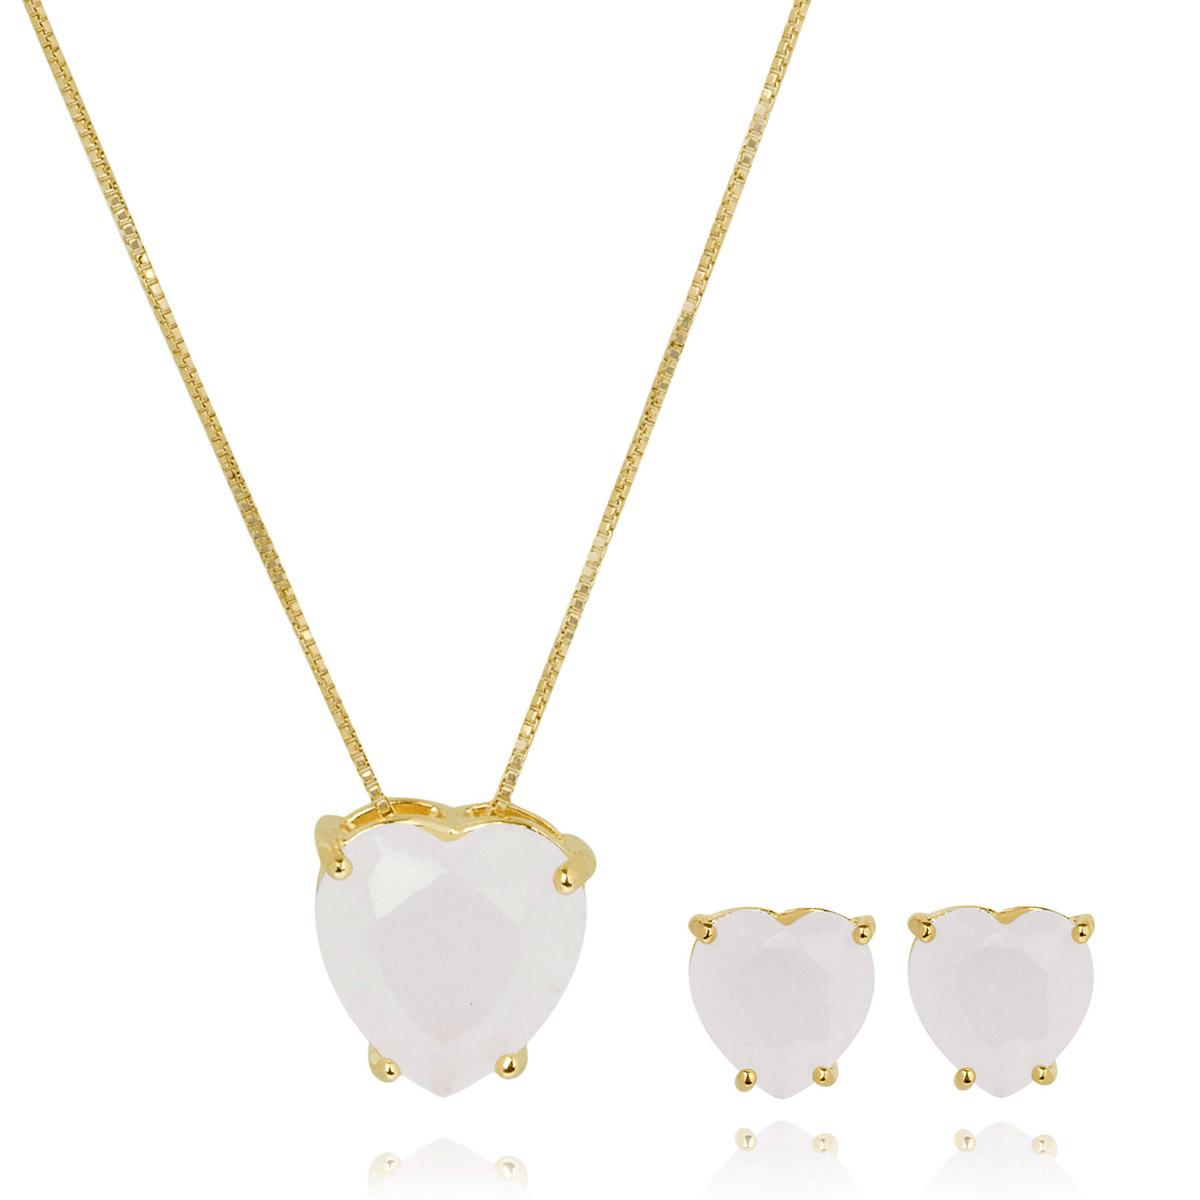 Conjunto de Brinco e Colar de Coração Quartzo Branco Leitoso Semijoia em Ouro 18K  - Soloyou